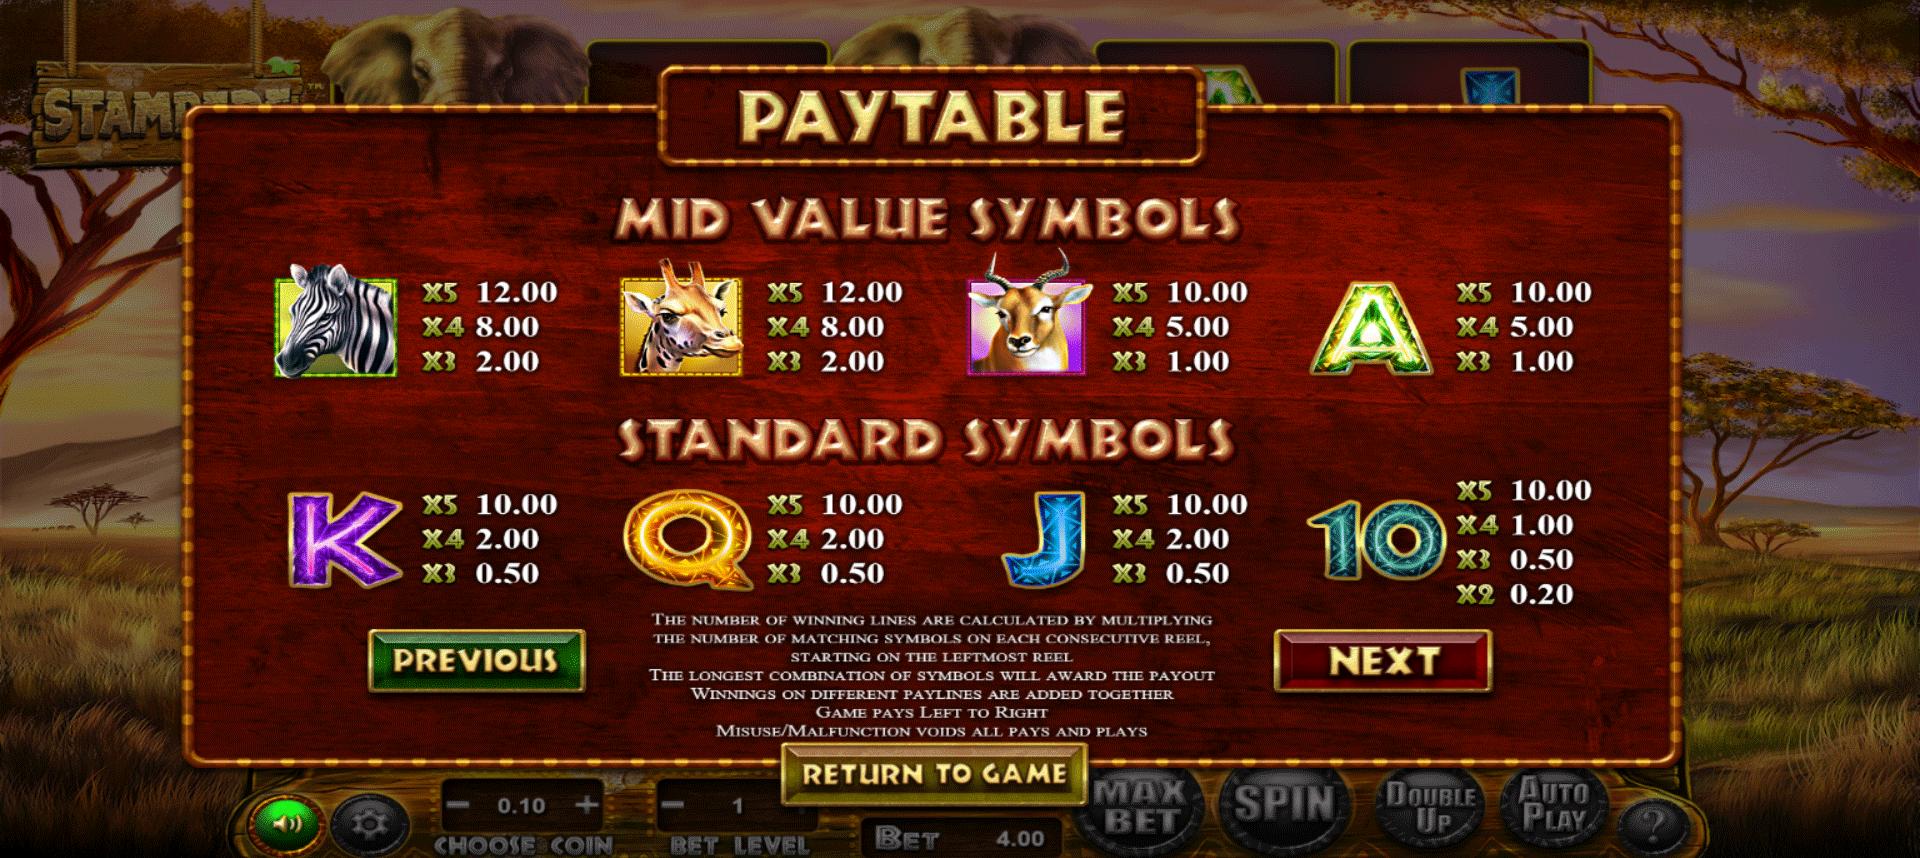 paytable della slot machine stampede